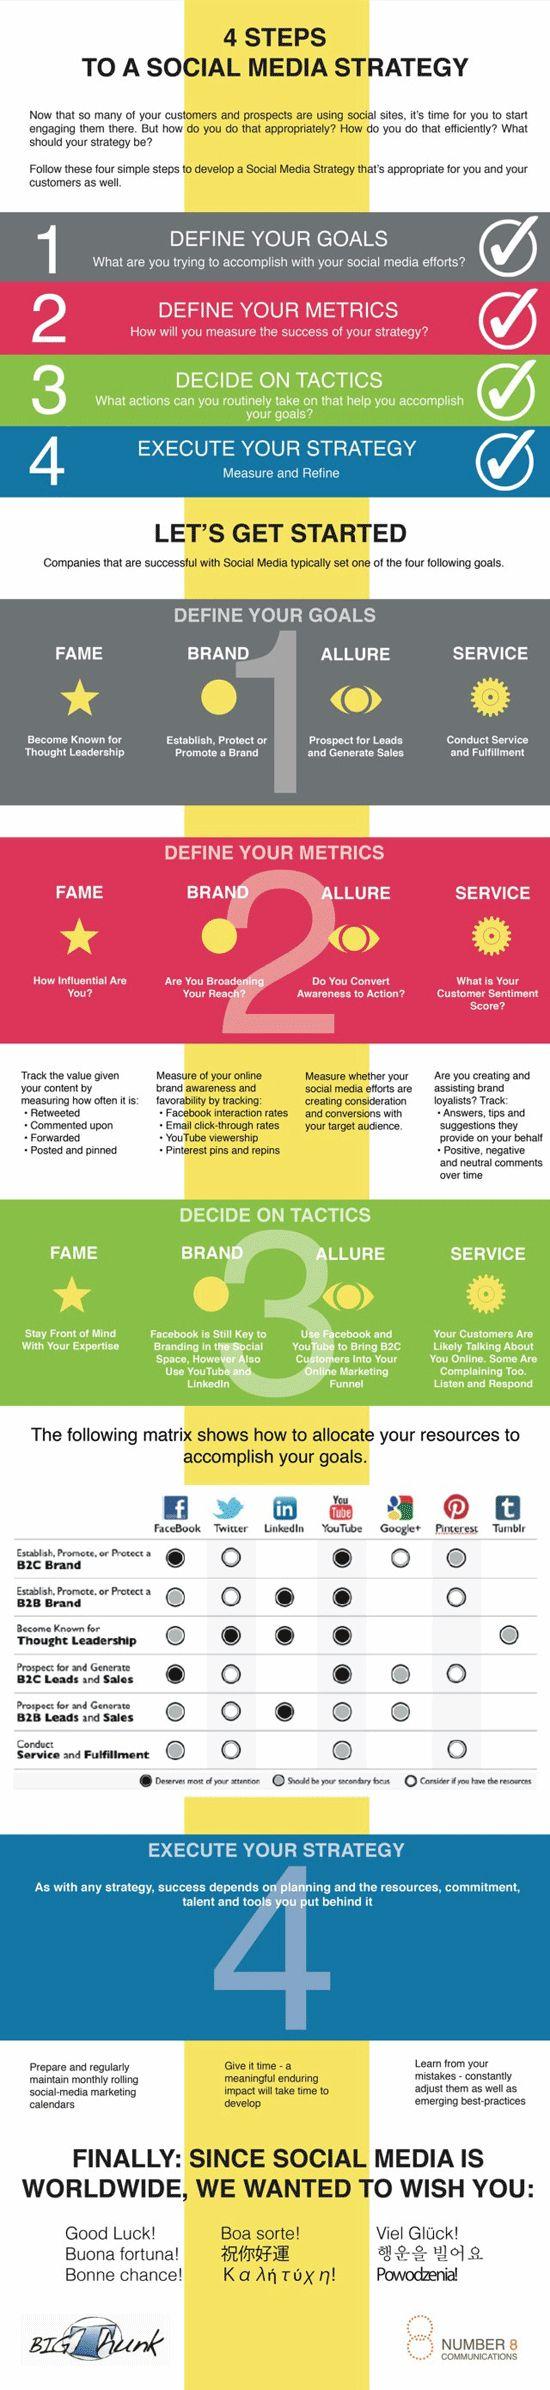 Infografik wie man mit vier Schritten zu einer Social Media Strategie gelangt